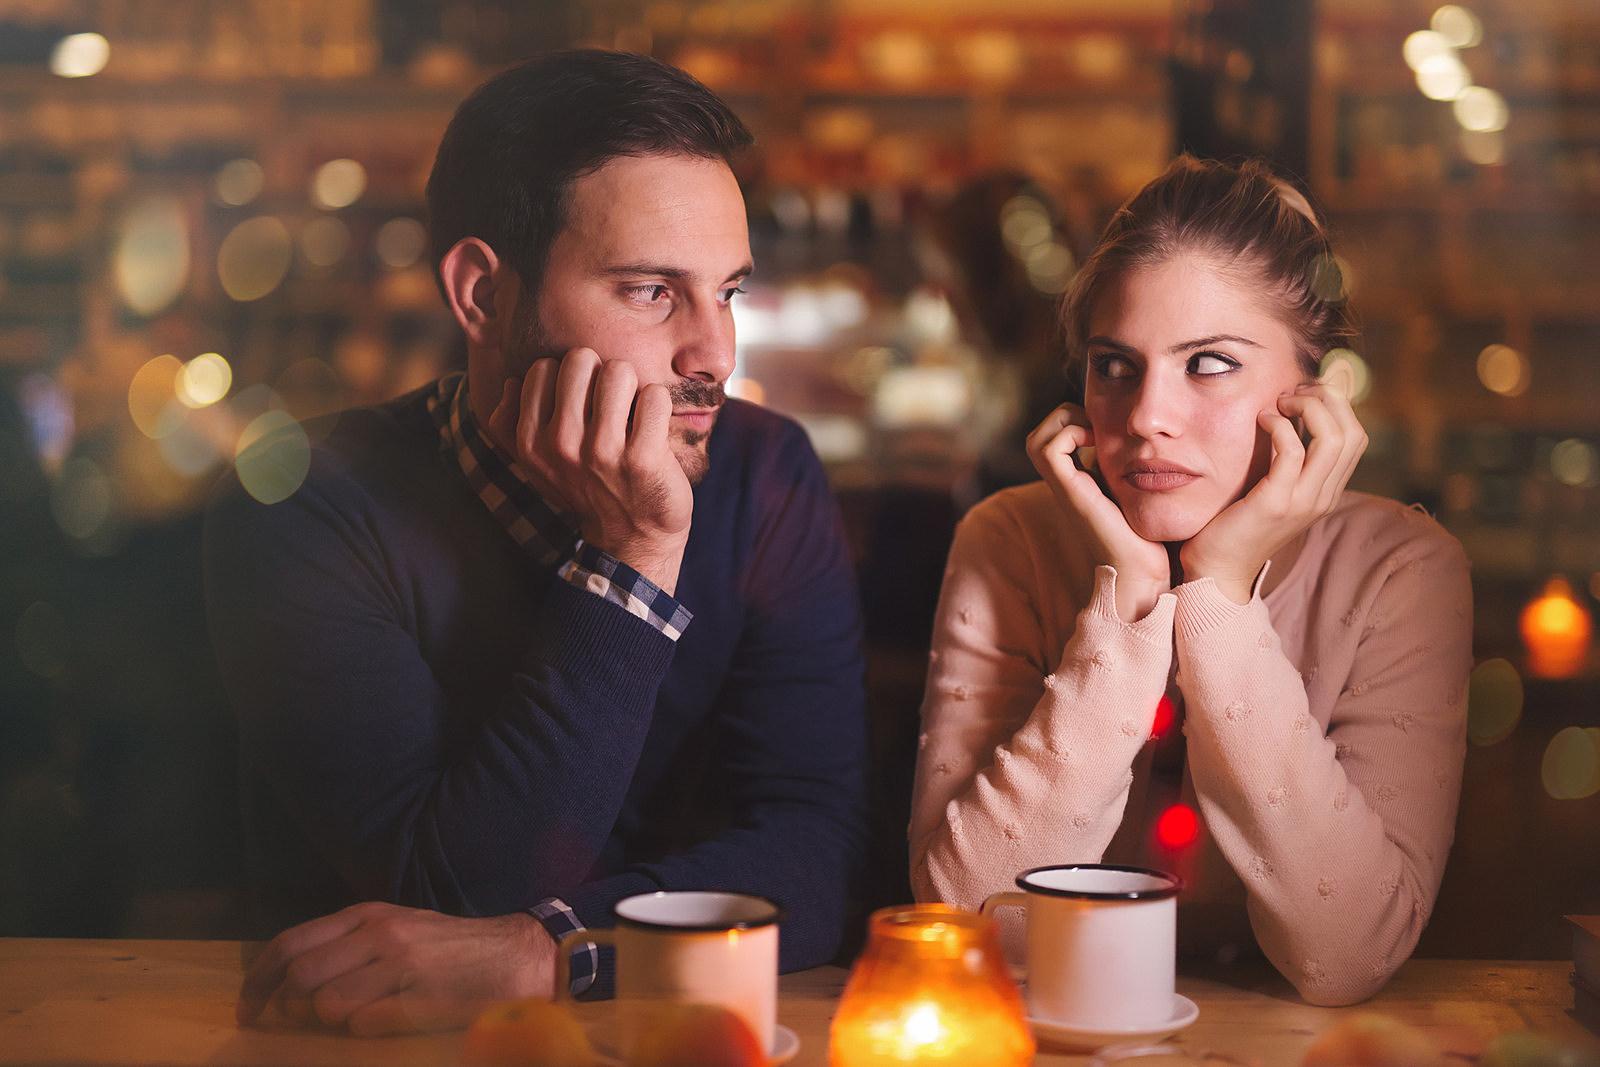 hvordan å beskrive deg selv på en datingside